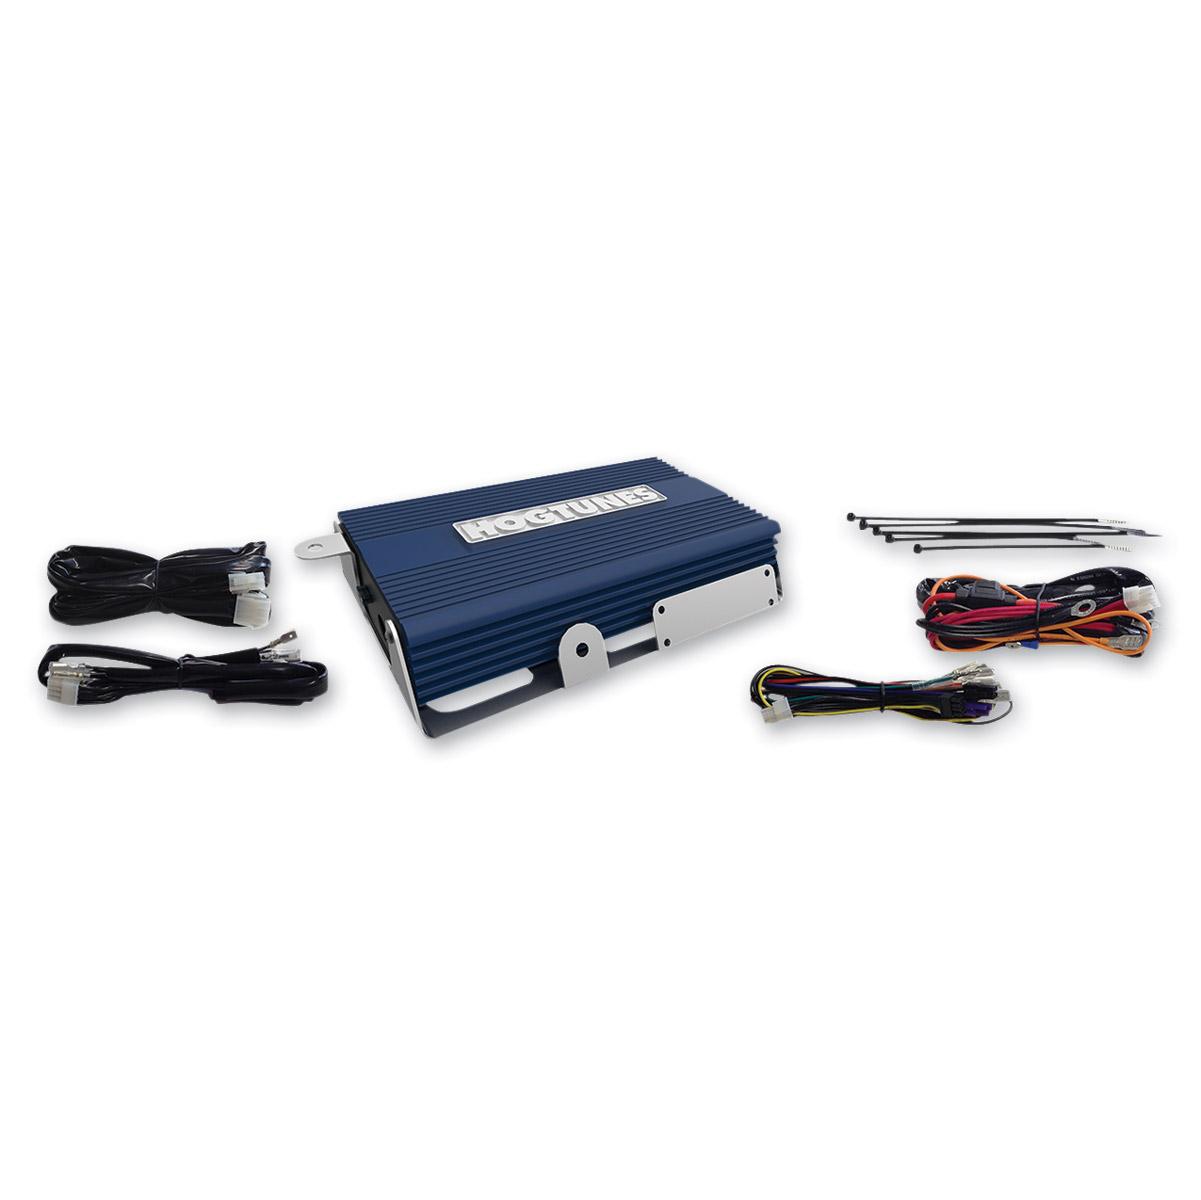 Hogtunes NCA 450-RM Amplifier